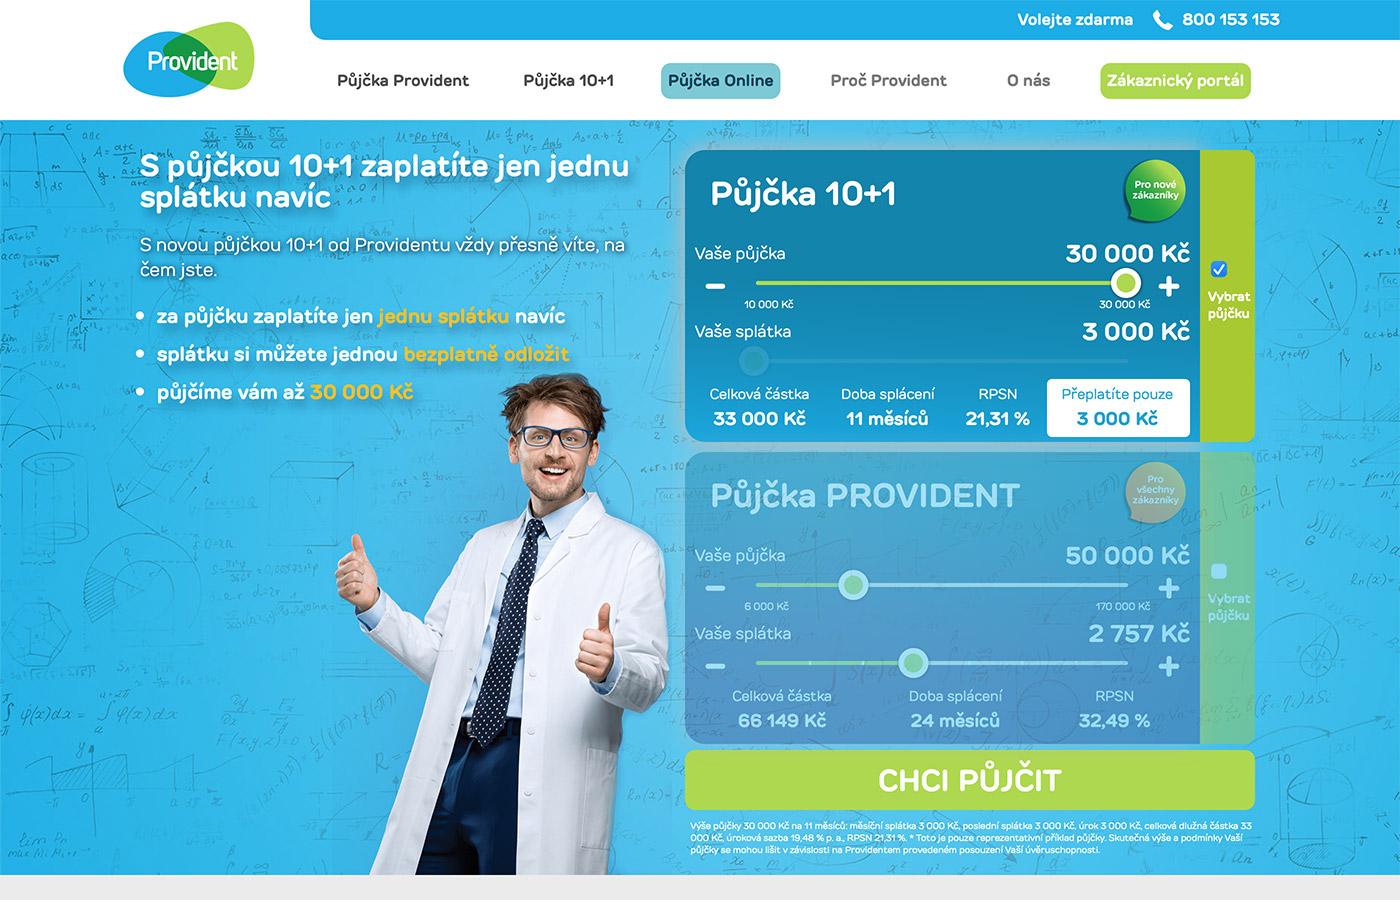 Webové stránky https://www.provident.cz/pujcky/pujcka-10-1